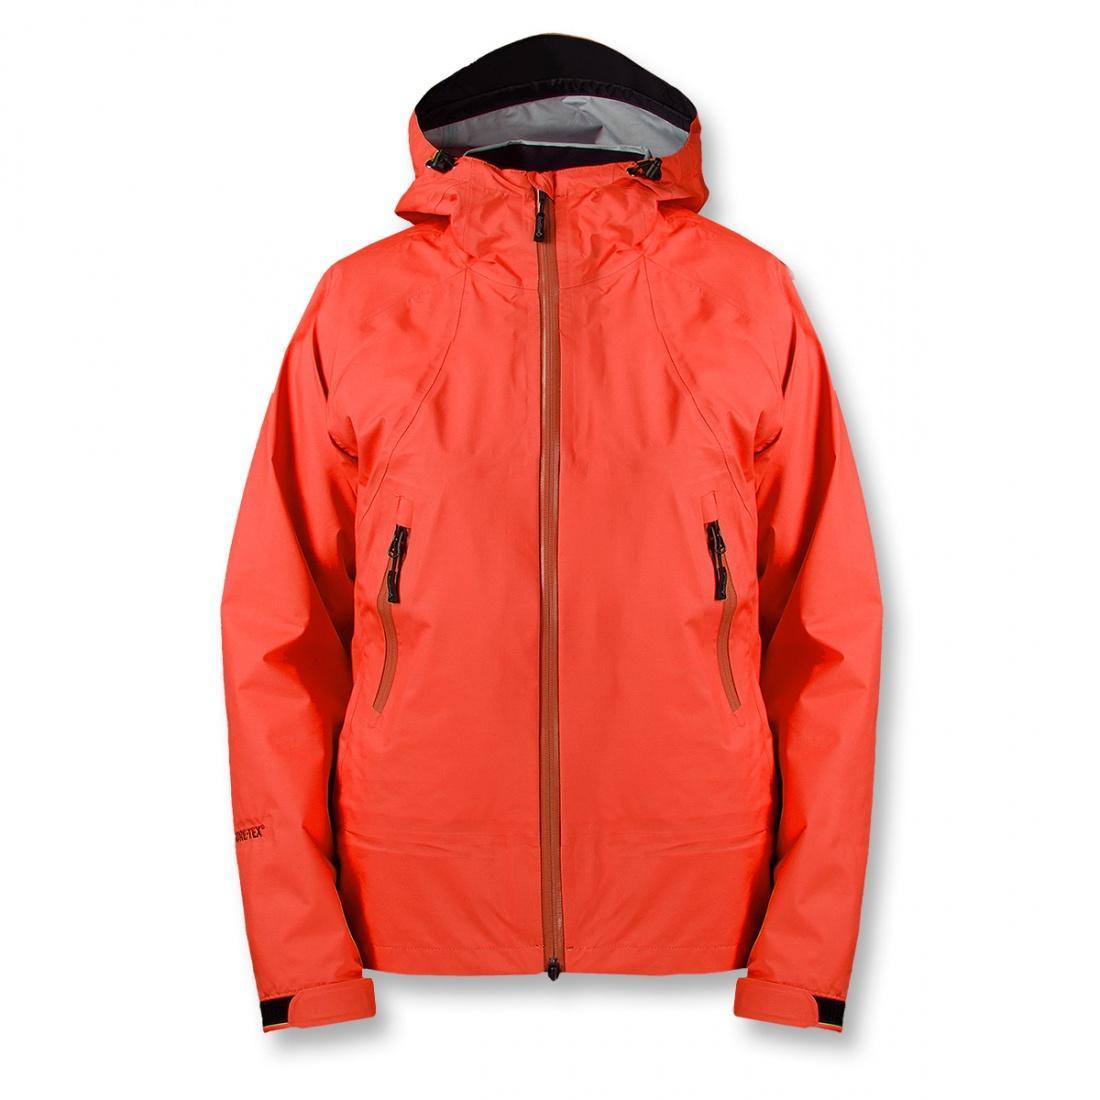 Куртка ветрозащитная Vega GTX II ЖенскаяКуртки<br>Женская штормовая куртка из материала GORE-TEX®<br> <br><br>ОСНОВНОЕ НАЗНАЧЕНИЕ: горные походы, треккинг<br>ПОСАДКА: Alpine Fit<br>МАТЕРИАЛ: ...<br><br>Цвет: Красный<br>Размер: 48